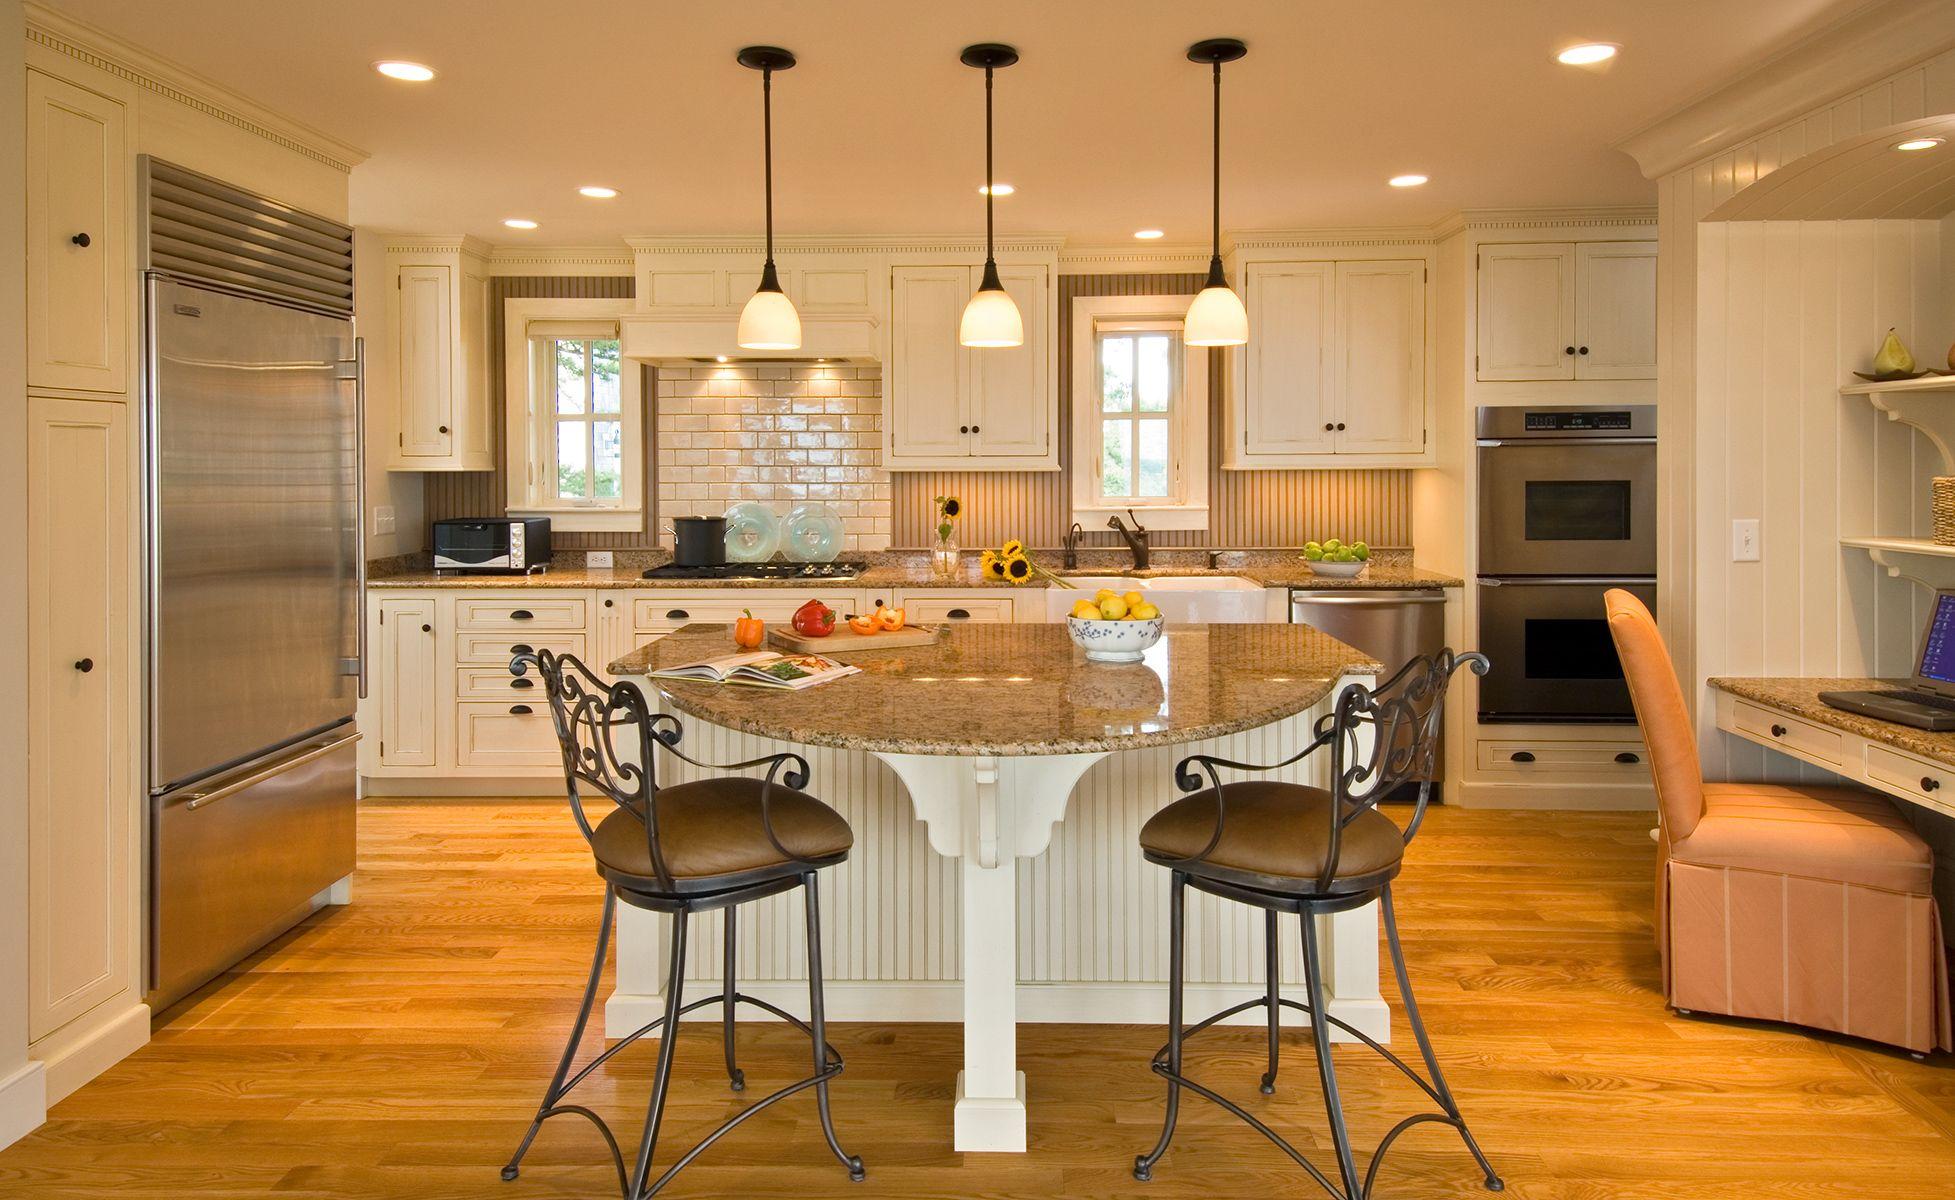 kitchens classic kitchen interiors kitchen renovation inspiration classic kitchens on kitchen interior classic id=53423